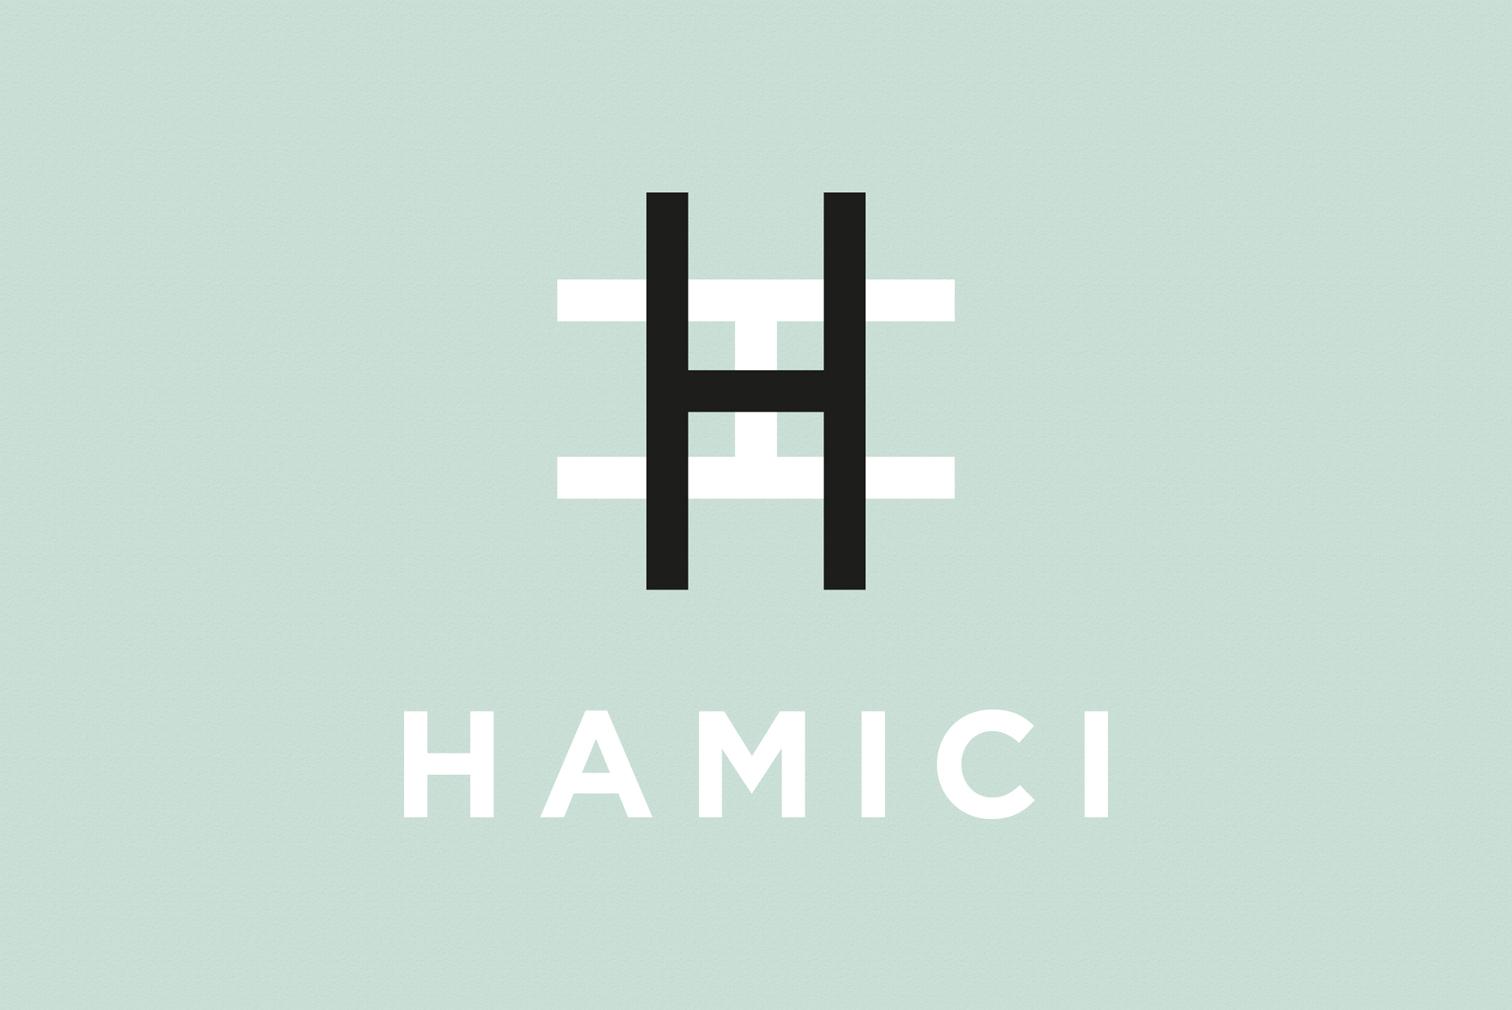 Hamici-logotipo